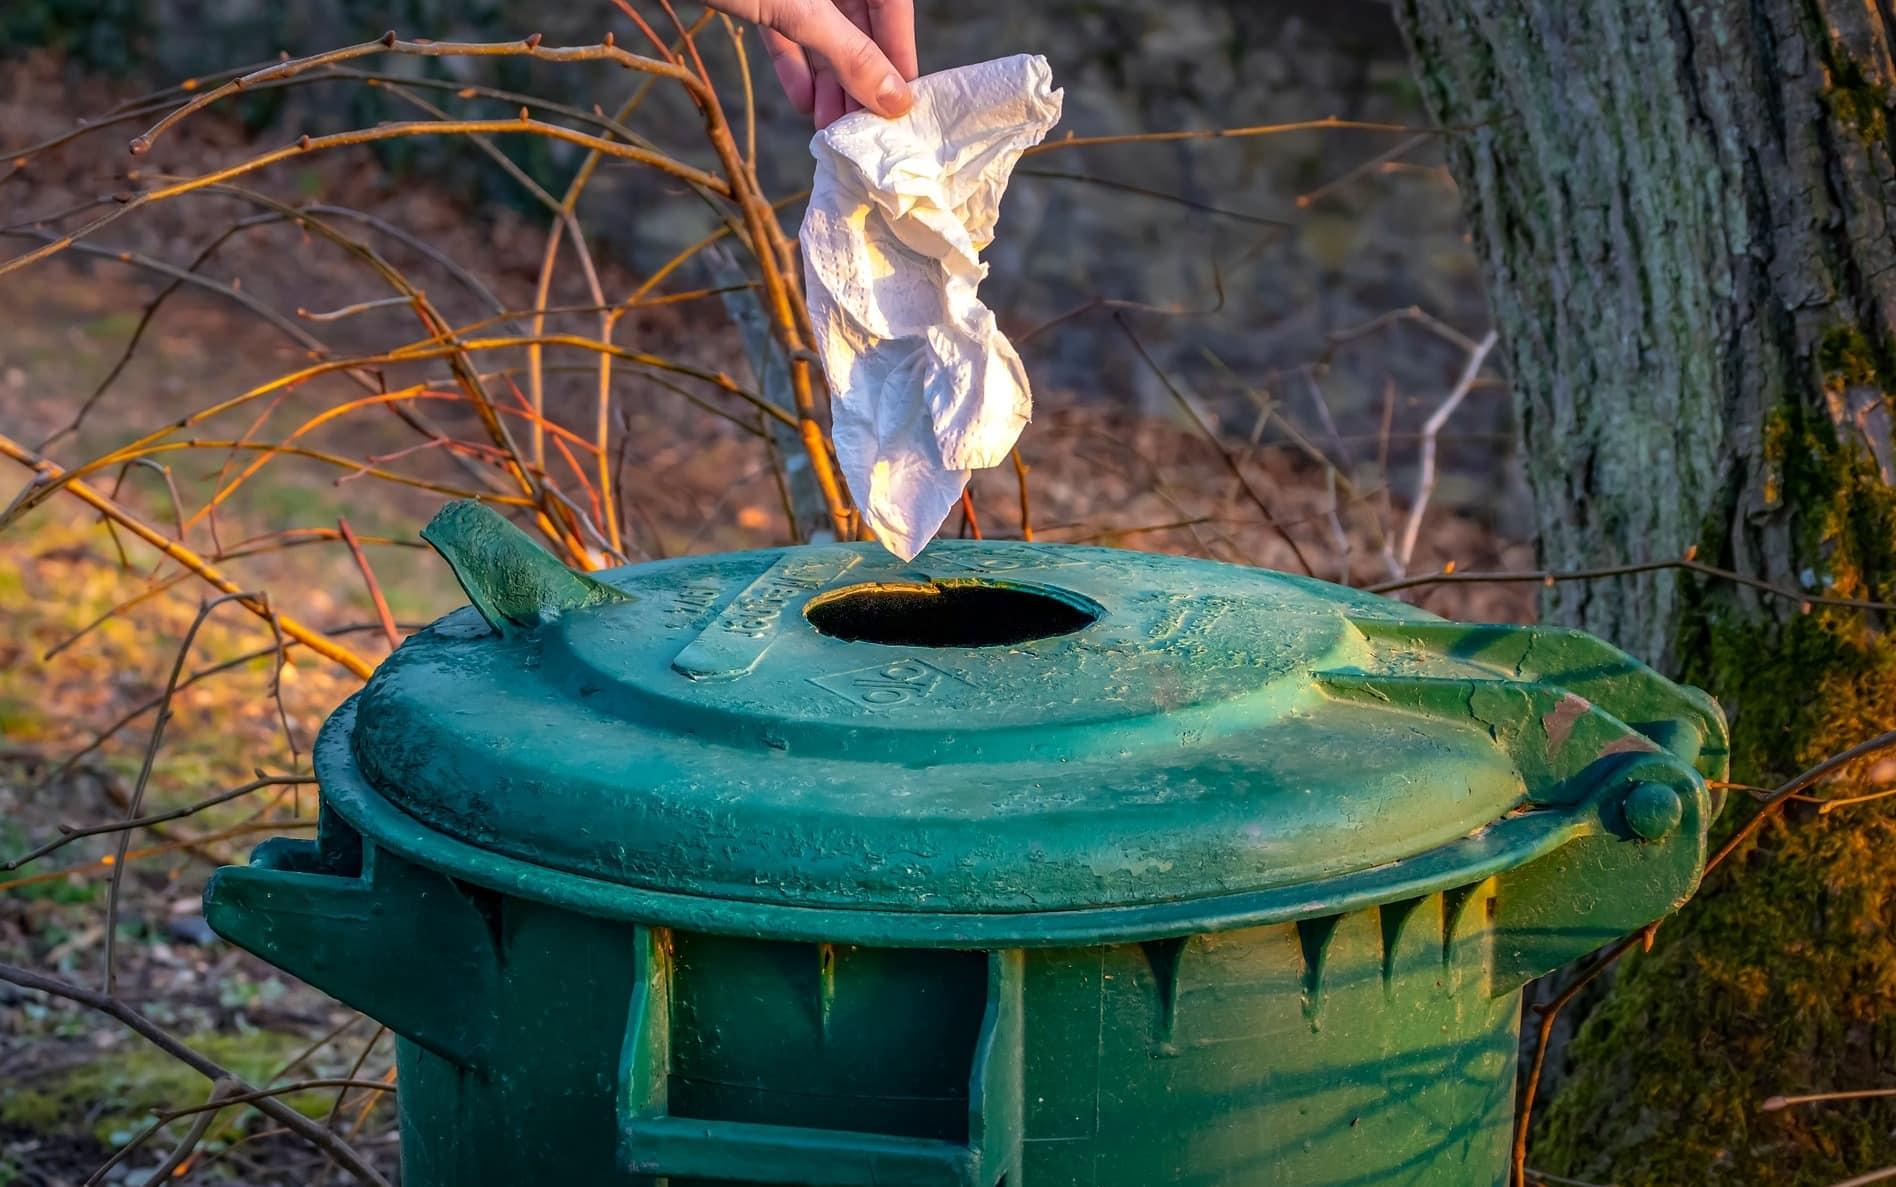 Am besten nimmst du eine Tüte mit zu Lauftraining, falls gerade mal kein Mülleimer in der Nähe ist.